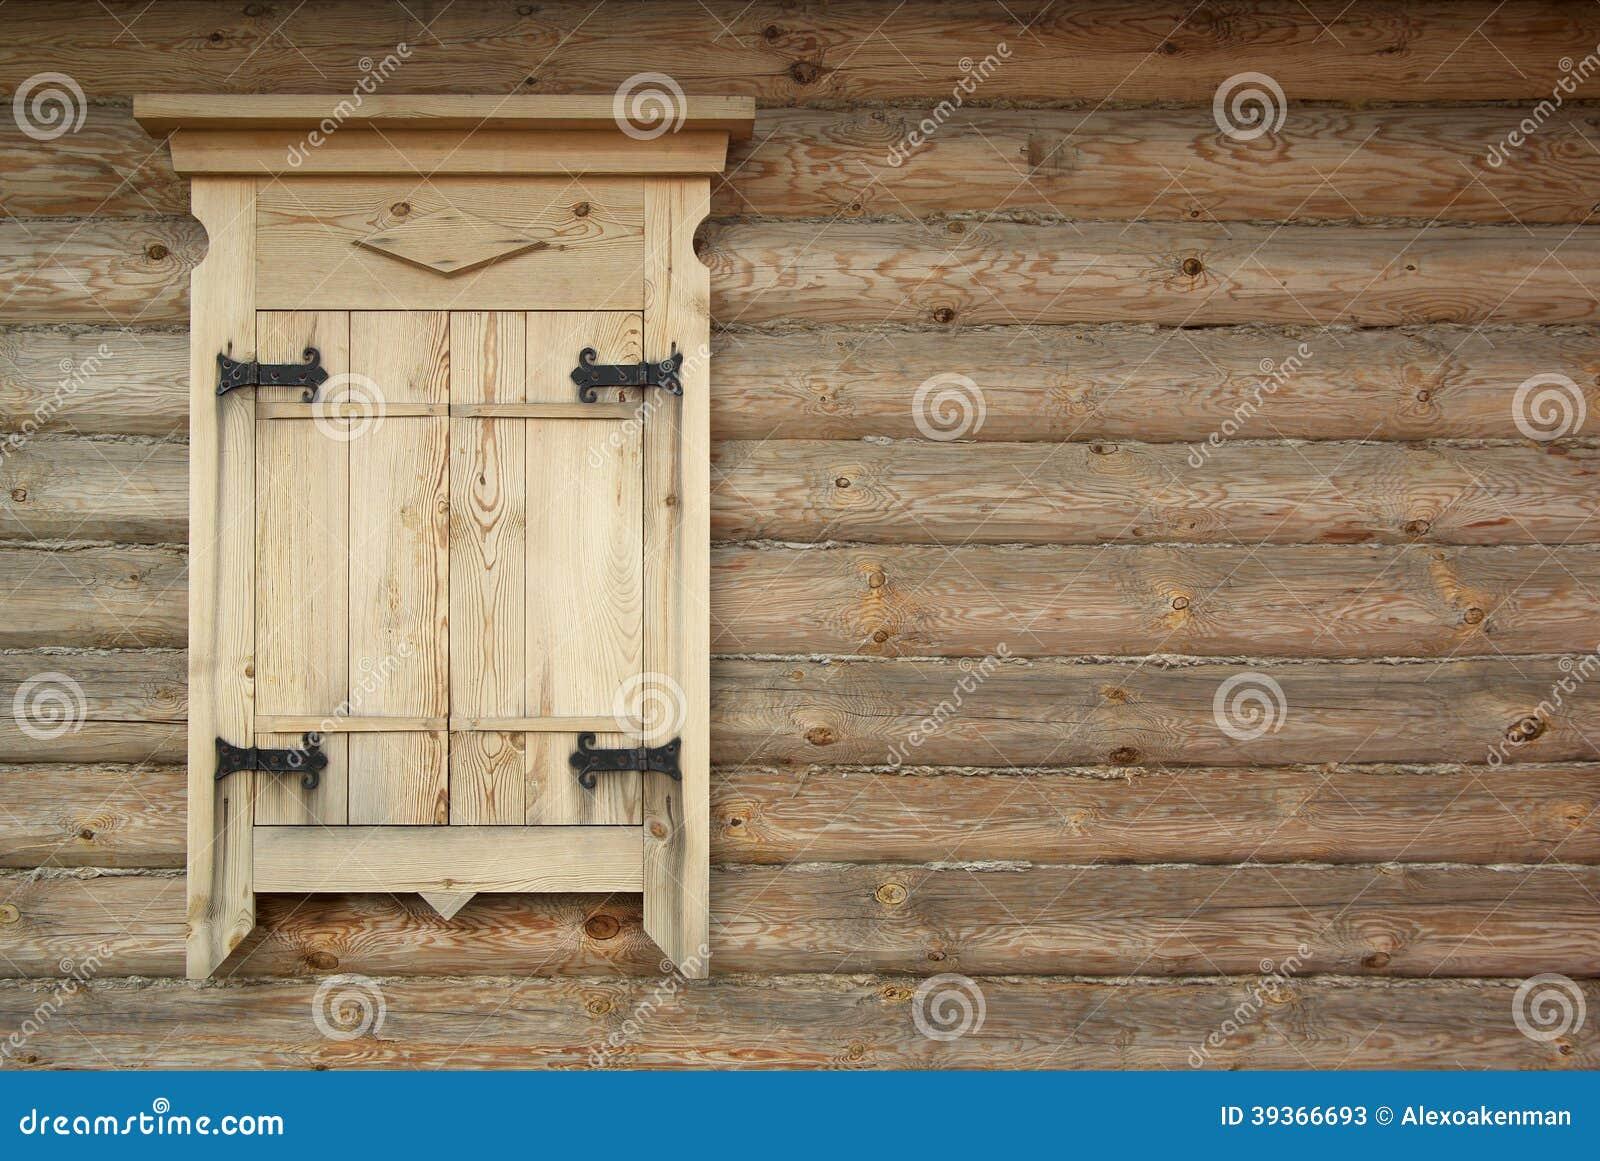 Parete di legno del ceppo con la finestra chiusa for Disegni della casa della cabina di ceppo e programmi del pavimento